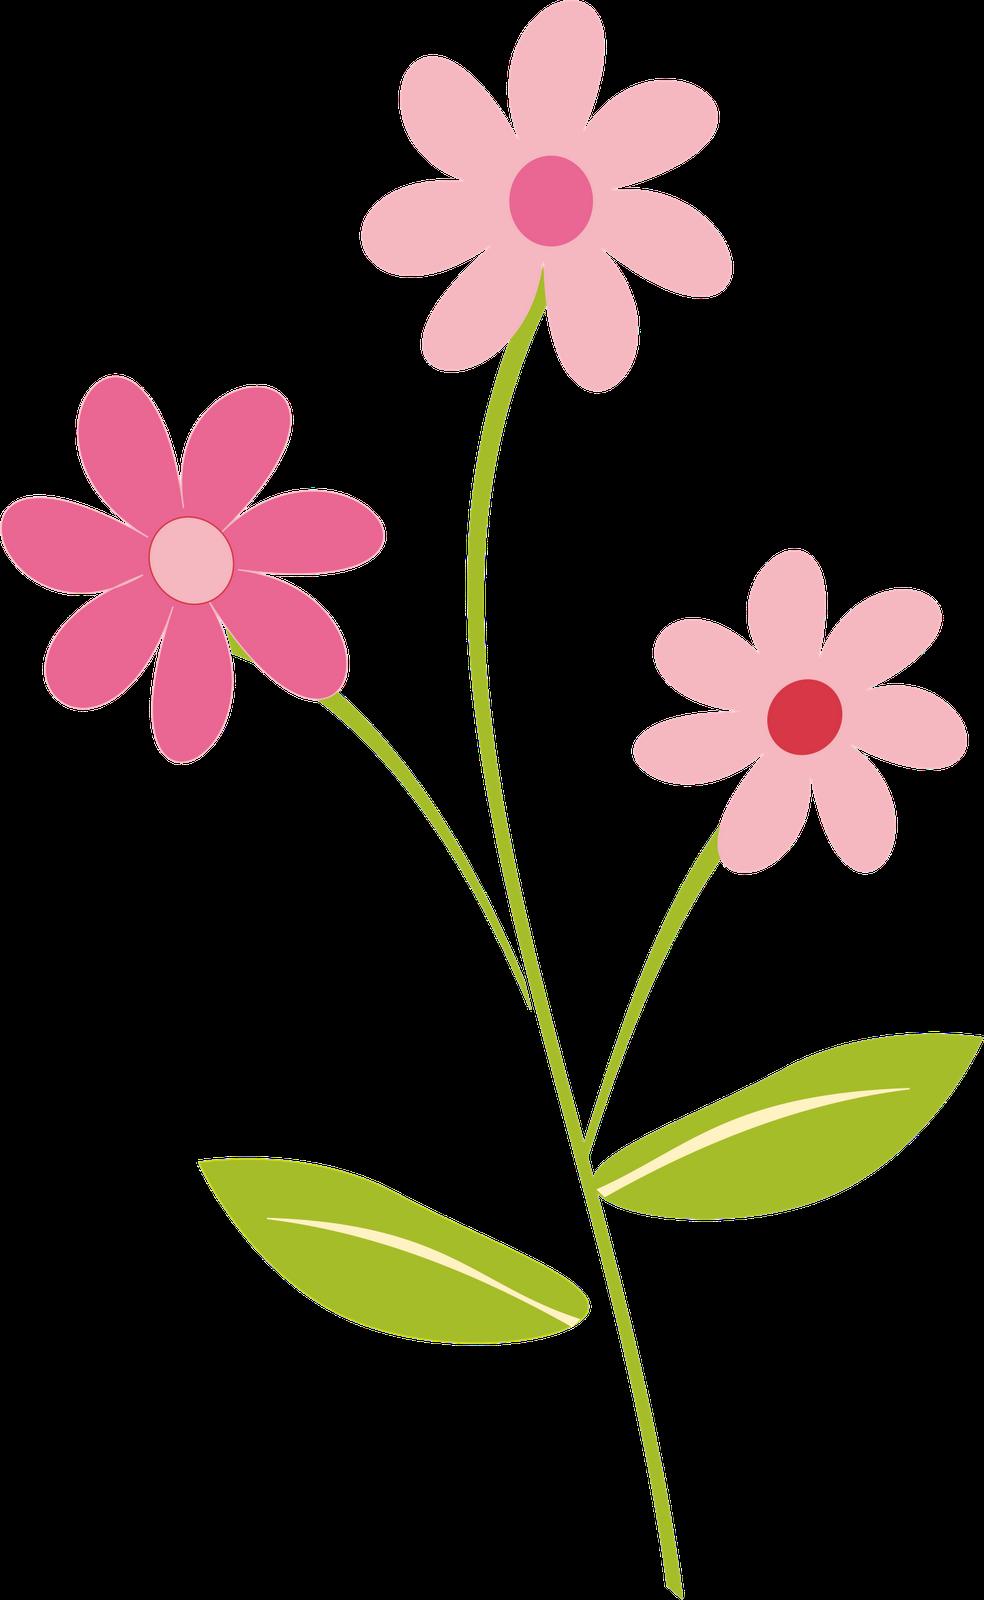 984x1600 Flower Clip Art Png – 101 Clip Art